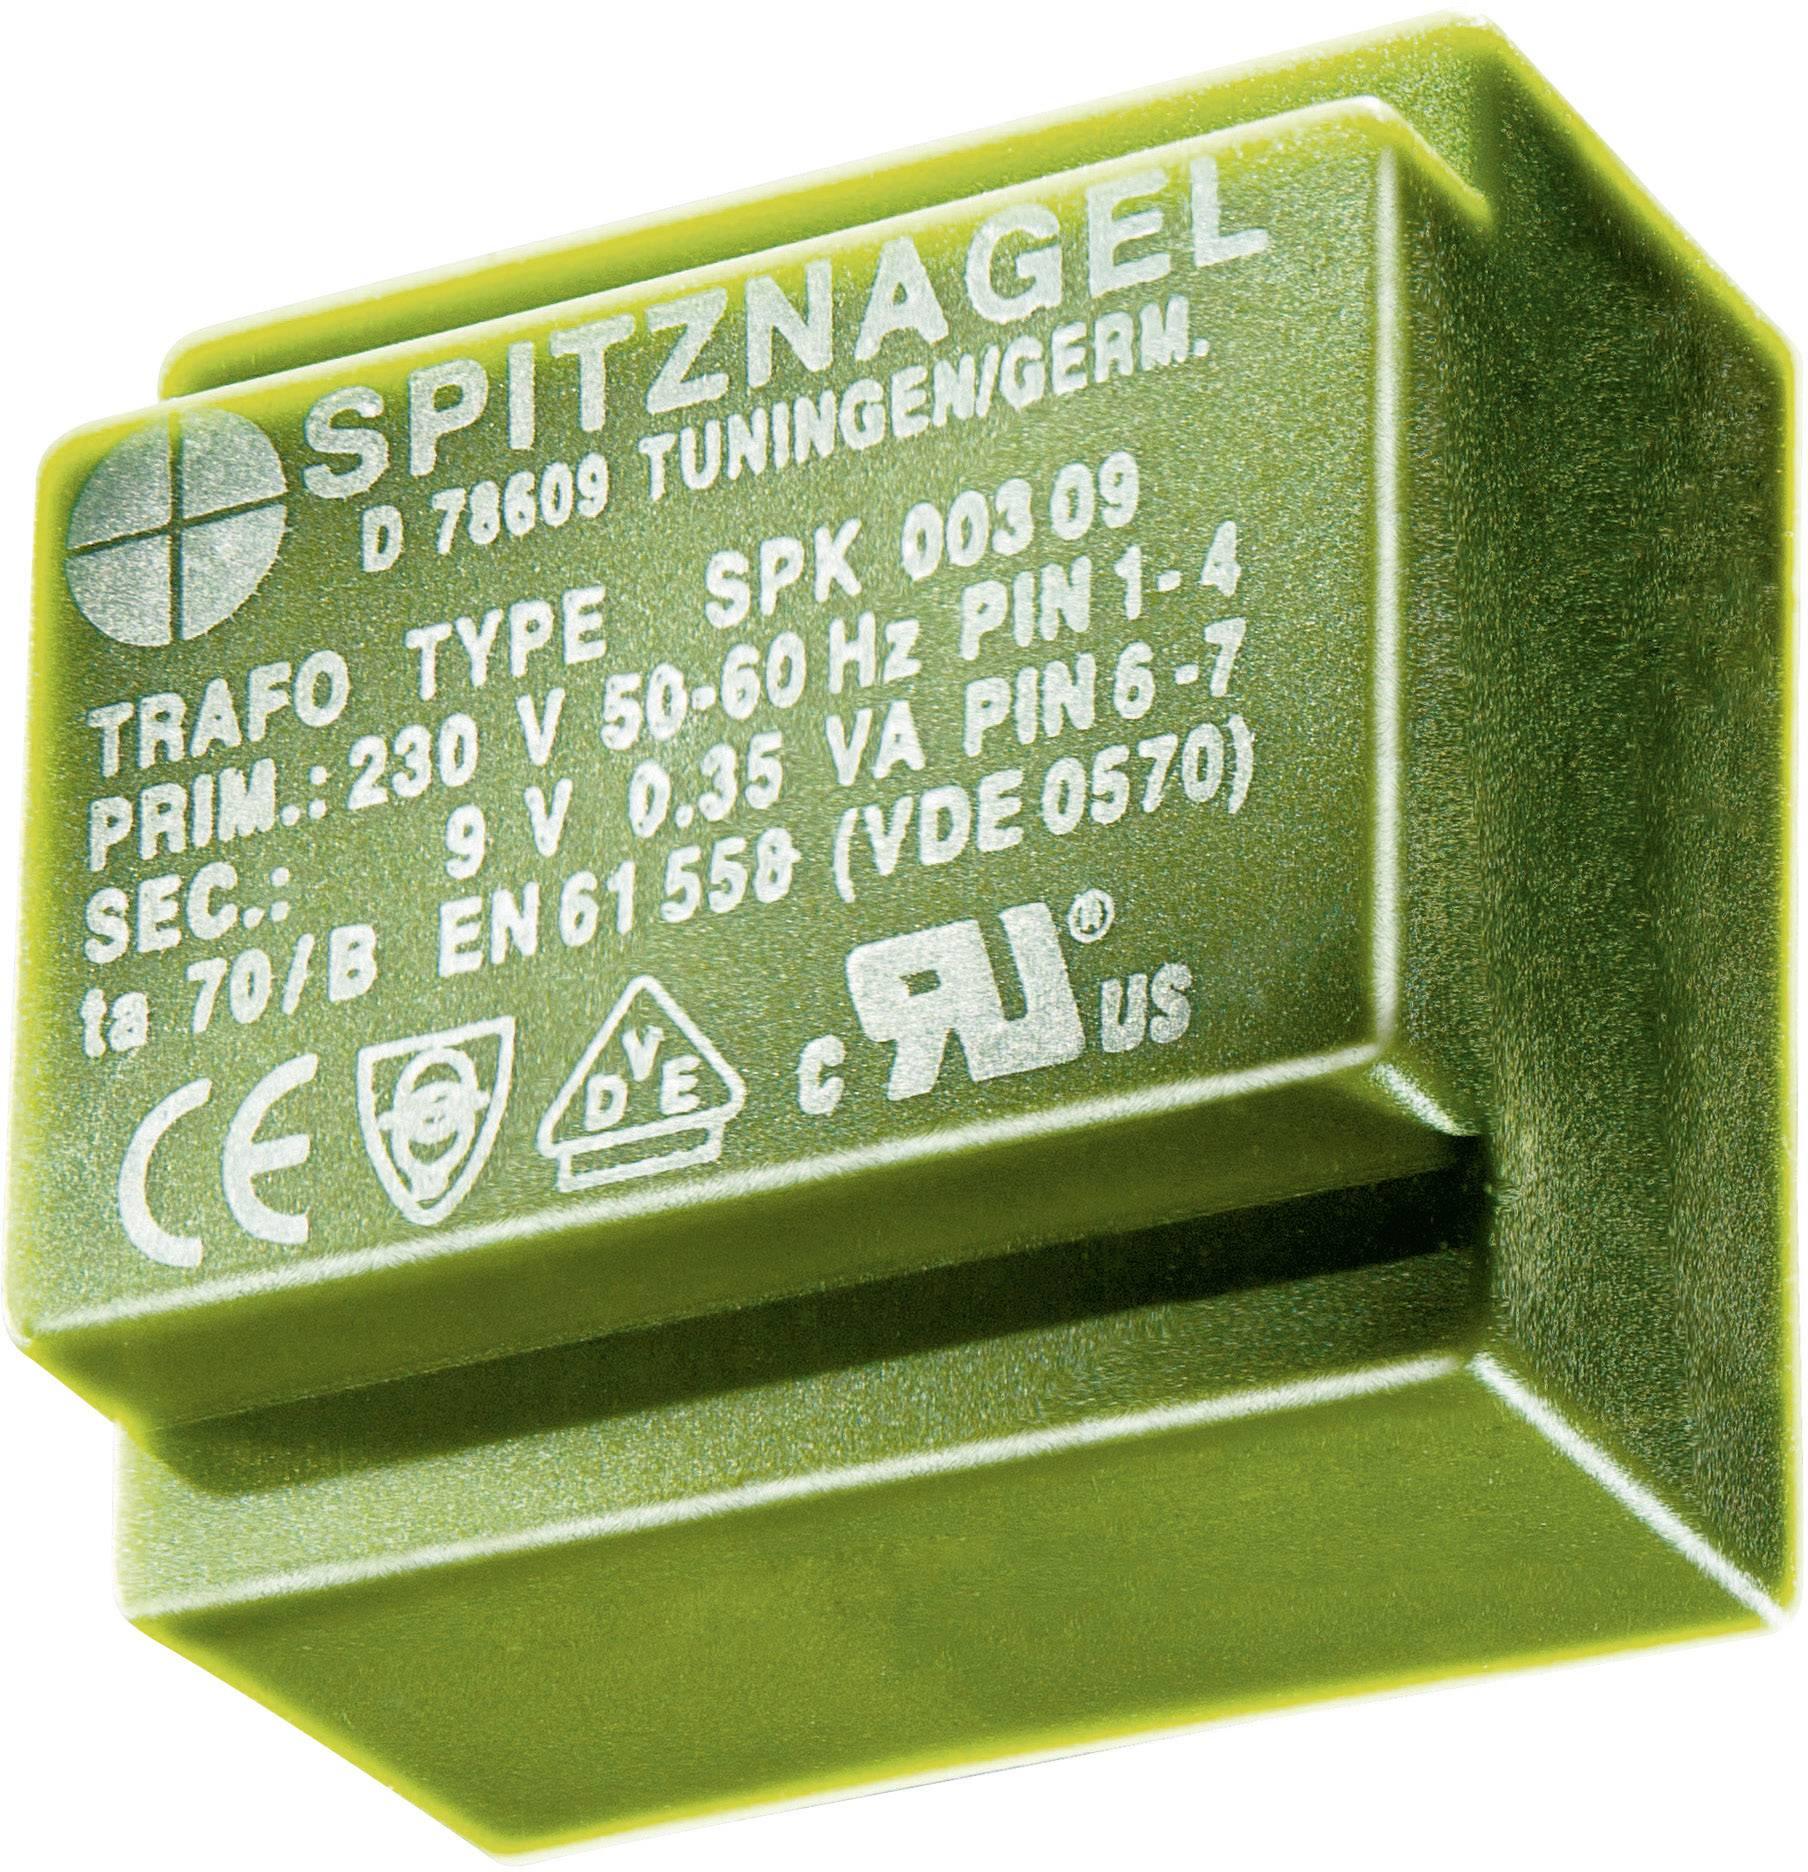 Transformátor do DPS Spitznagel El 20/7, 230 V / 6 V, 58 mA, 0,35 VA